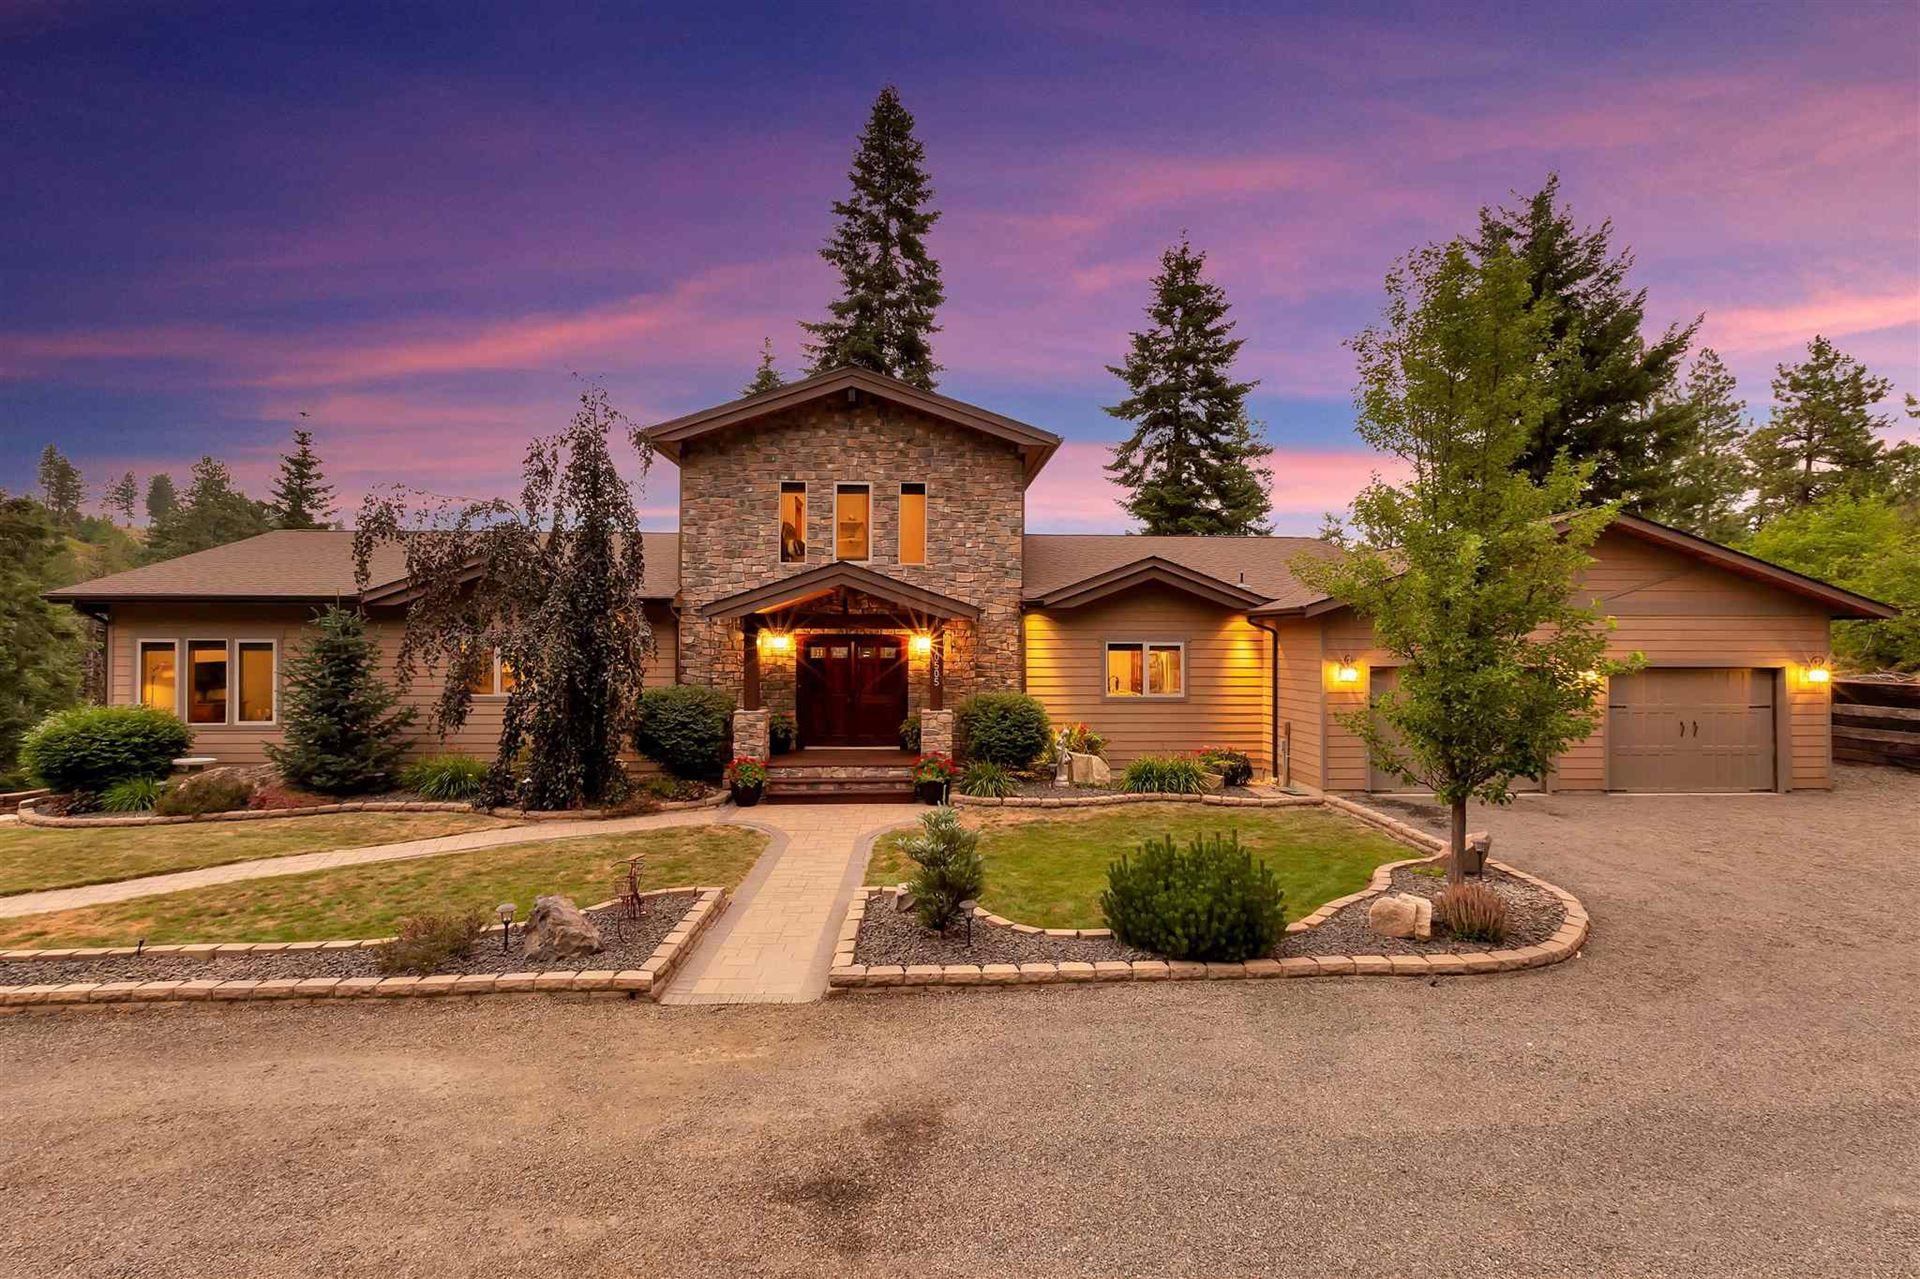 10505 E Grouse Mountain Ln, Spokane, WA 99206-8397 - #: 202119188